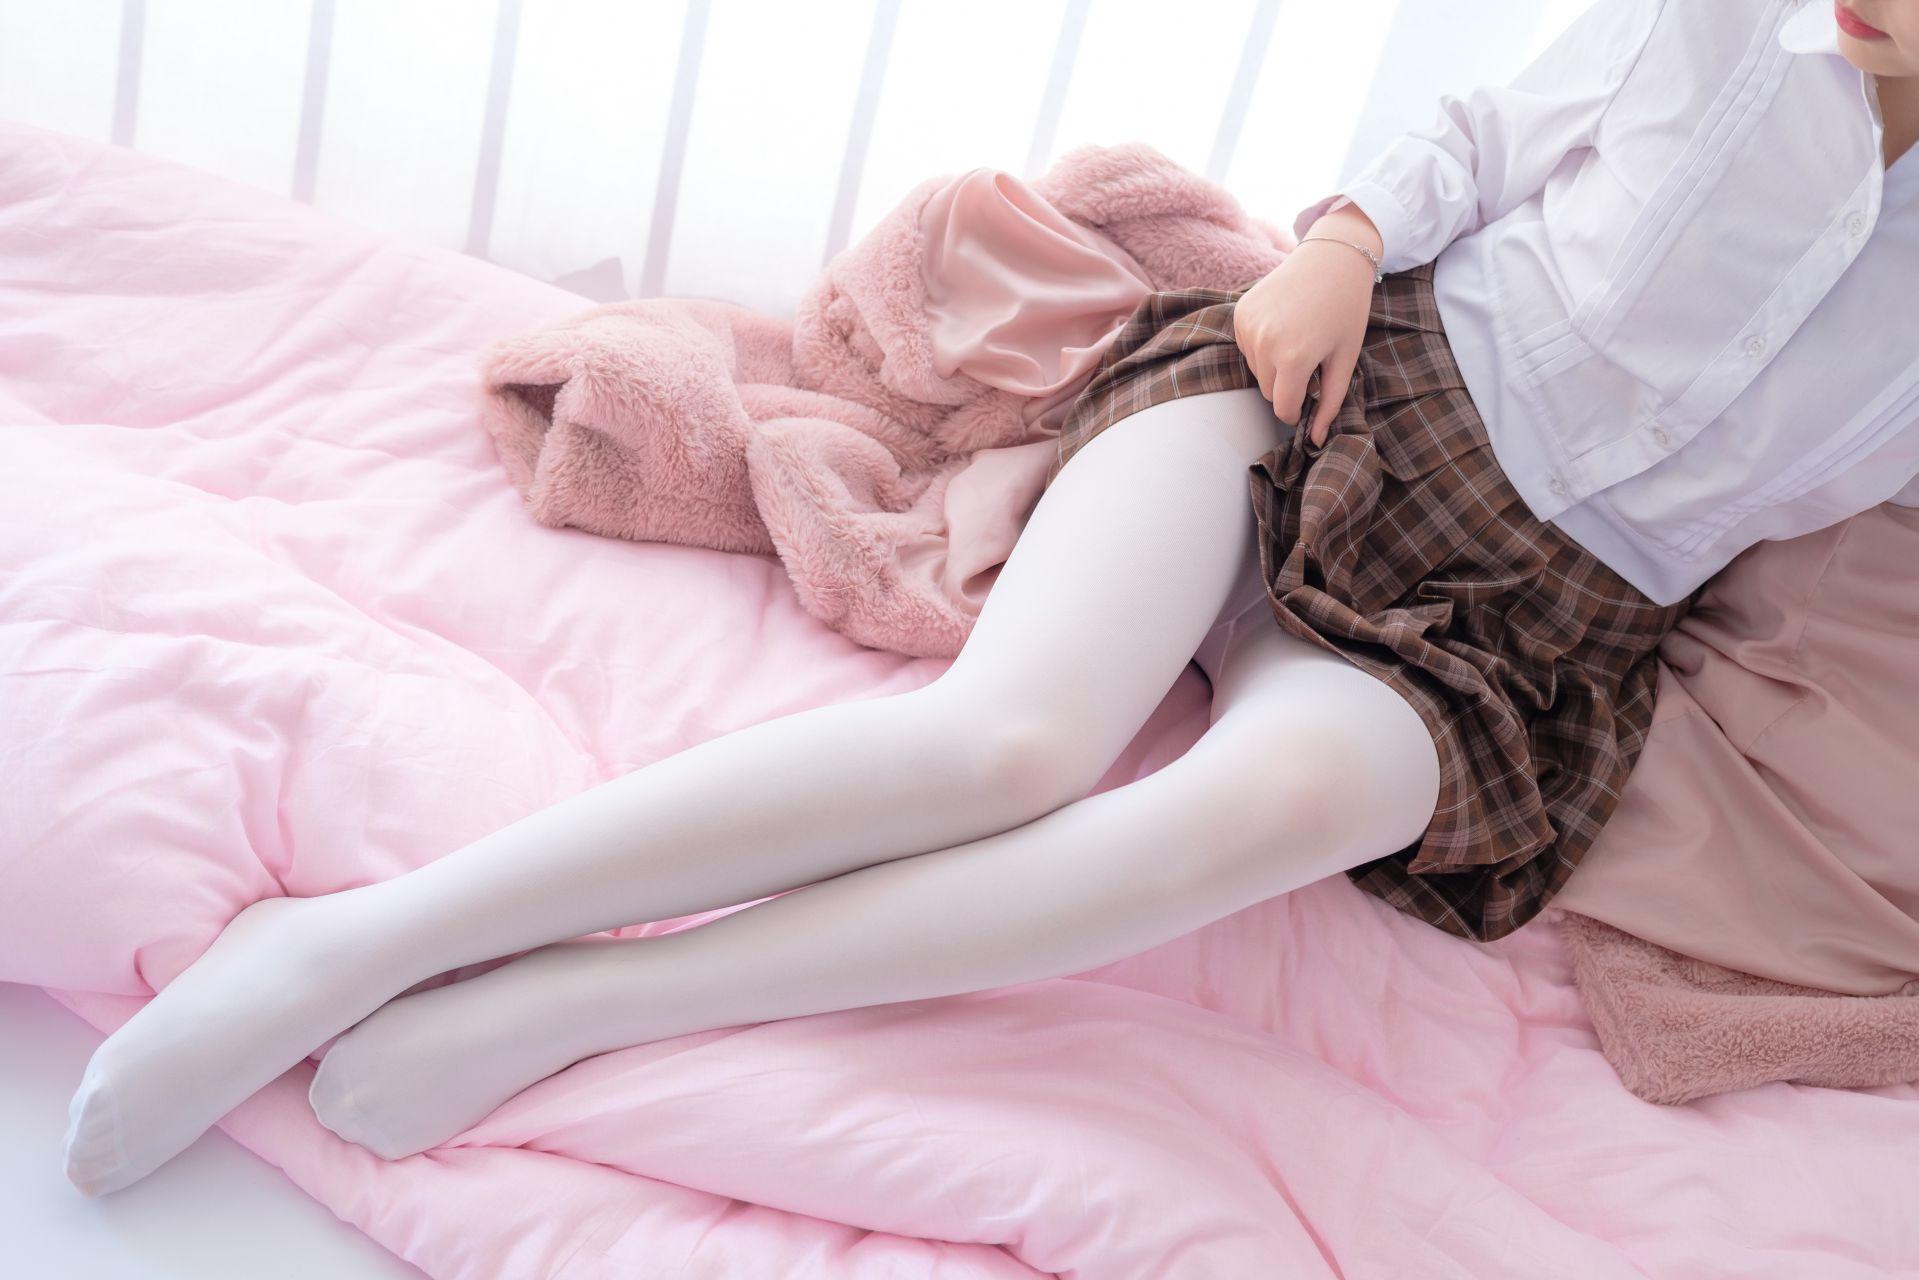 【森萝财团】森萝财团写真 – X-011 白丝裸足短裙[134P-1V-1.46GB] X系列 第3张